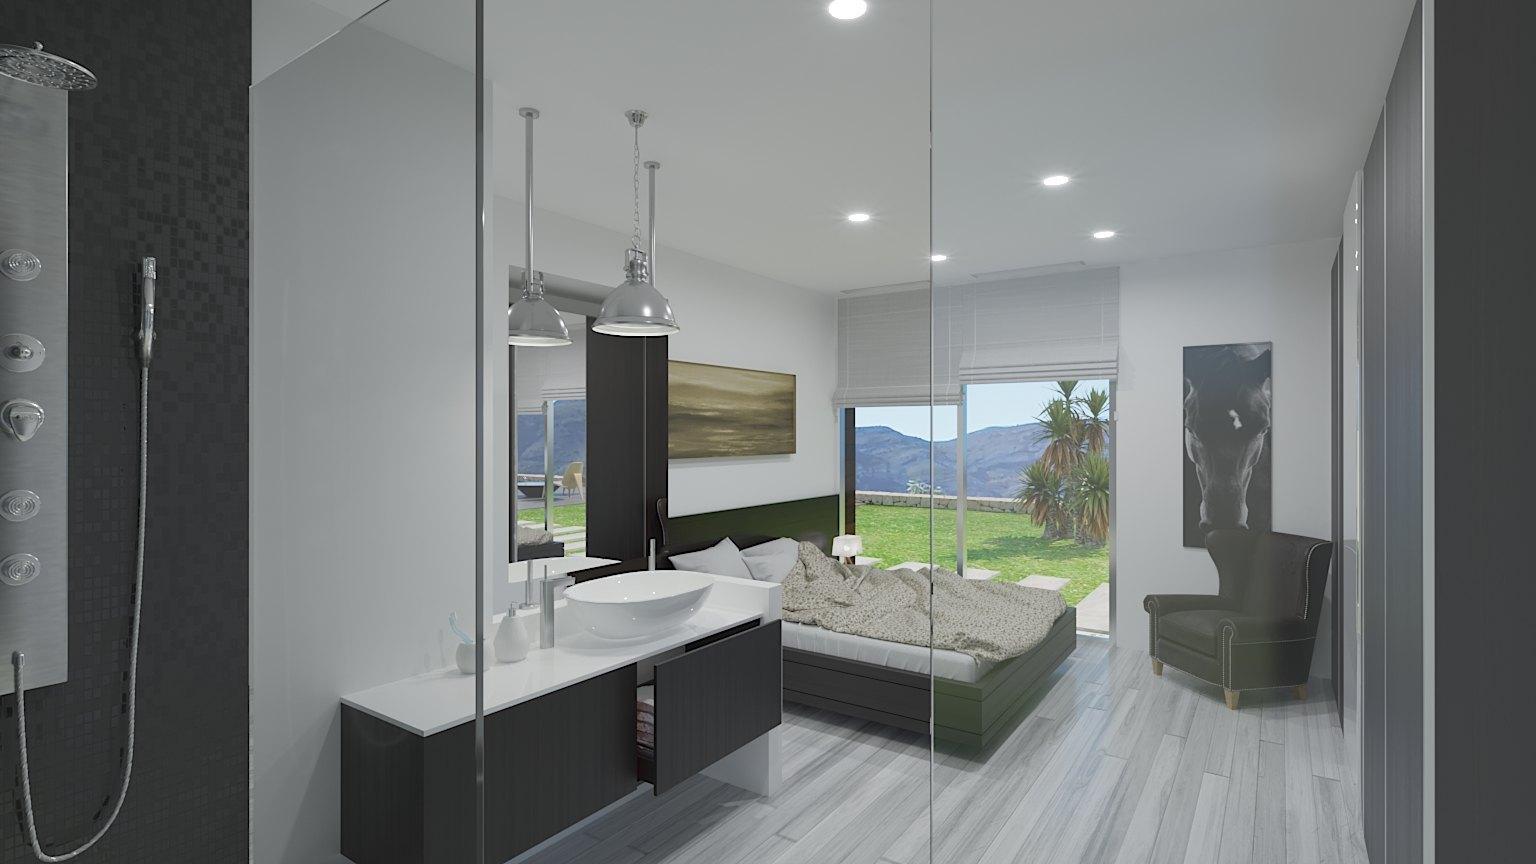 Galerie de photos - 2 - Olea-Home | Real Estate en Orba y Teulada-Moraira |